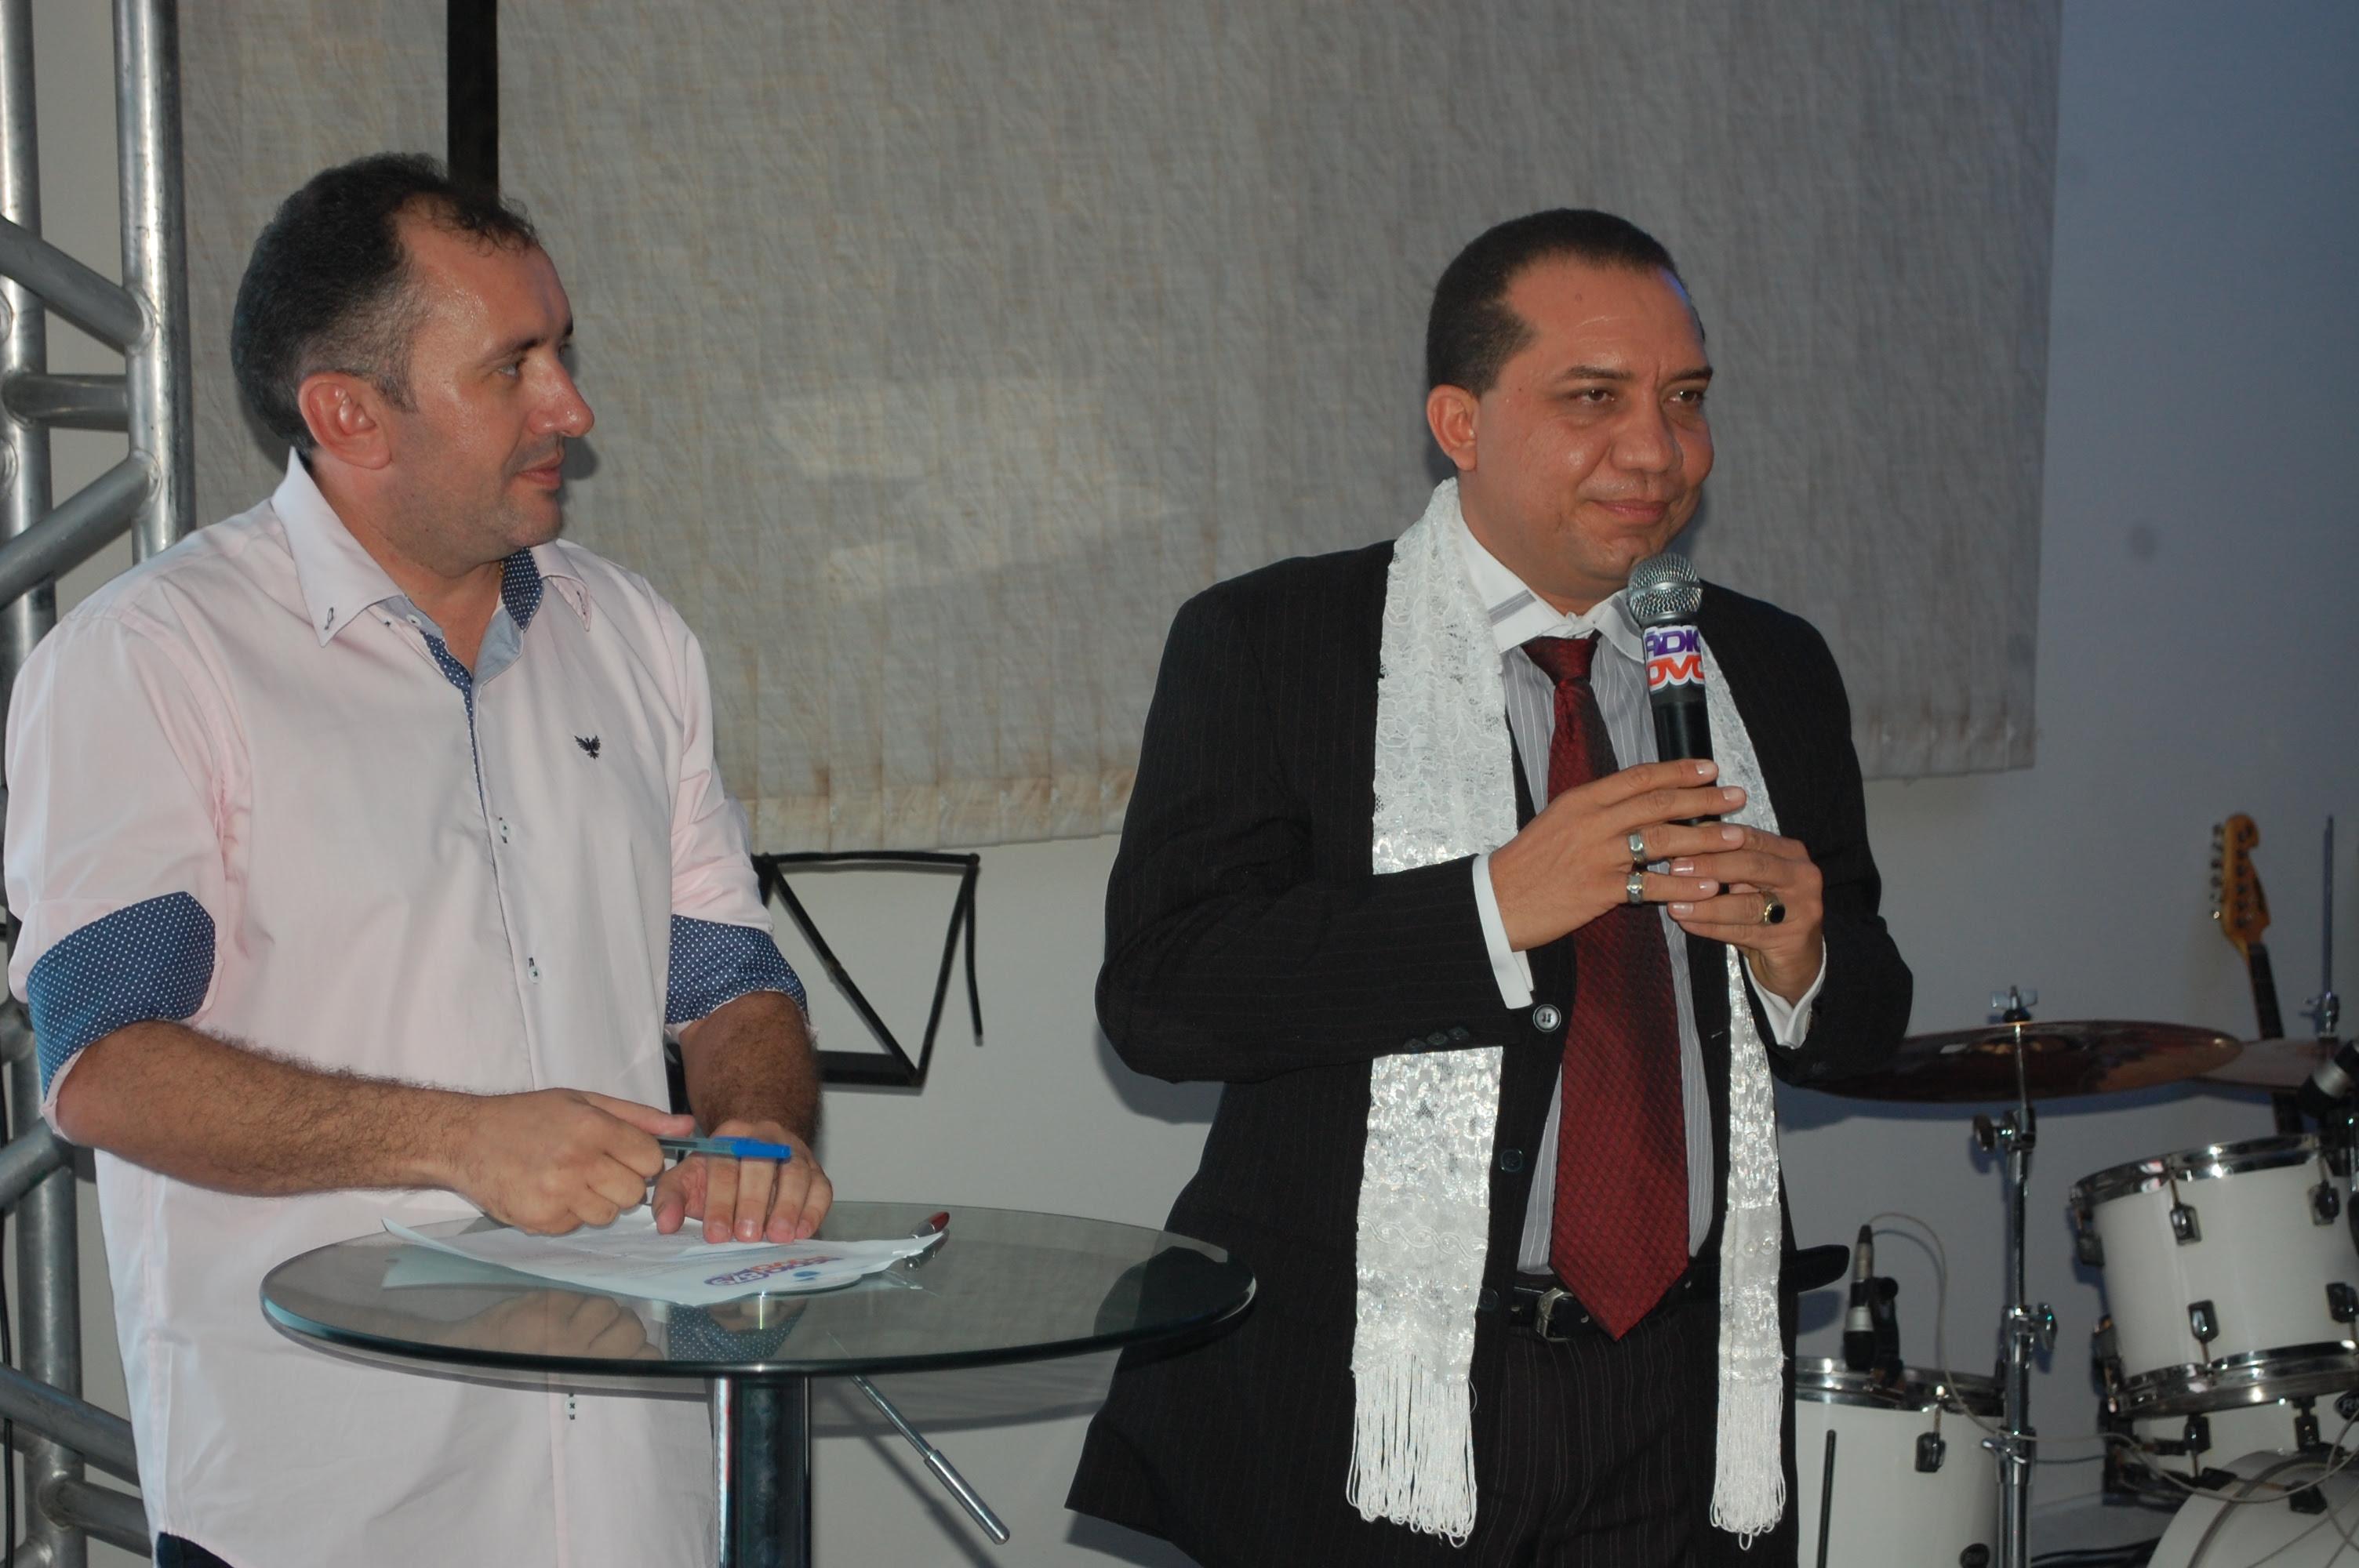 Empresário JK (Diretor de programação da POVO FM ) e o radialista Canindé Oliveira